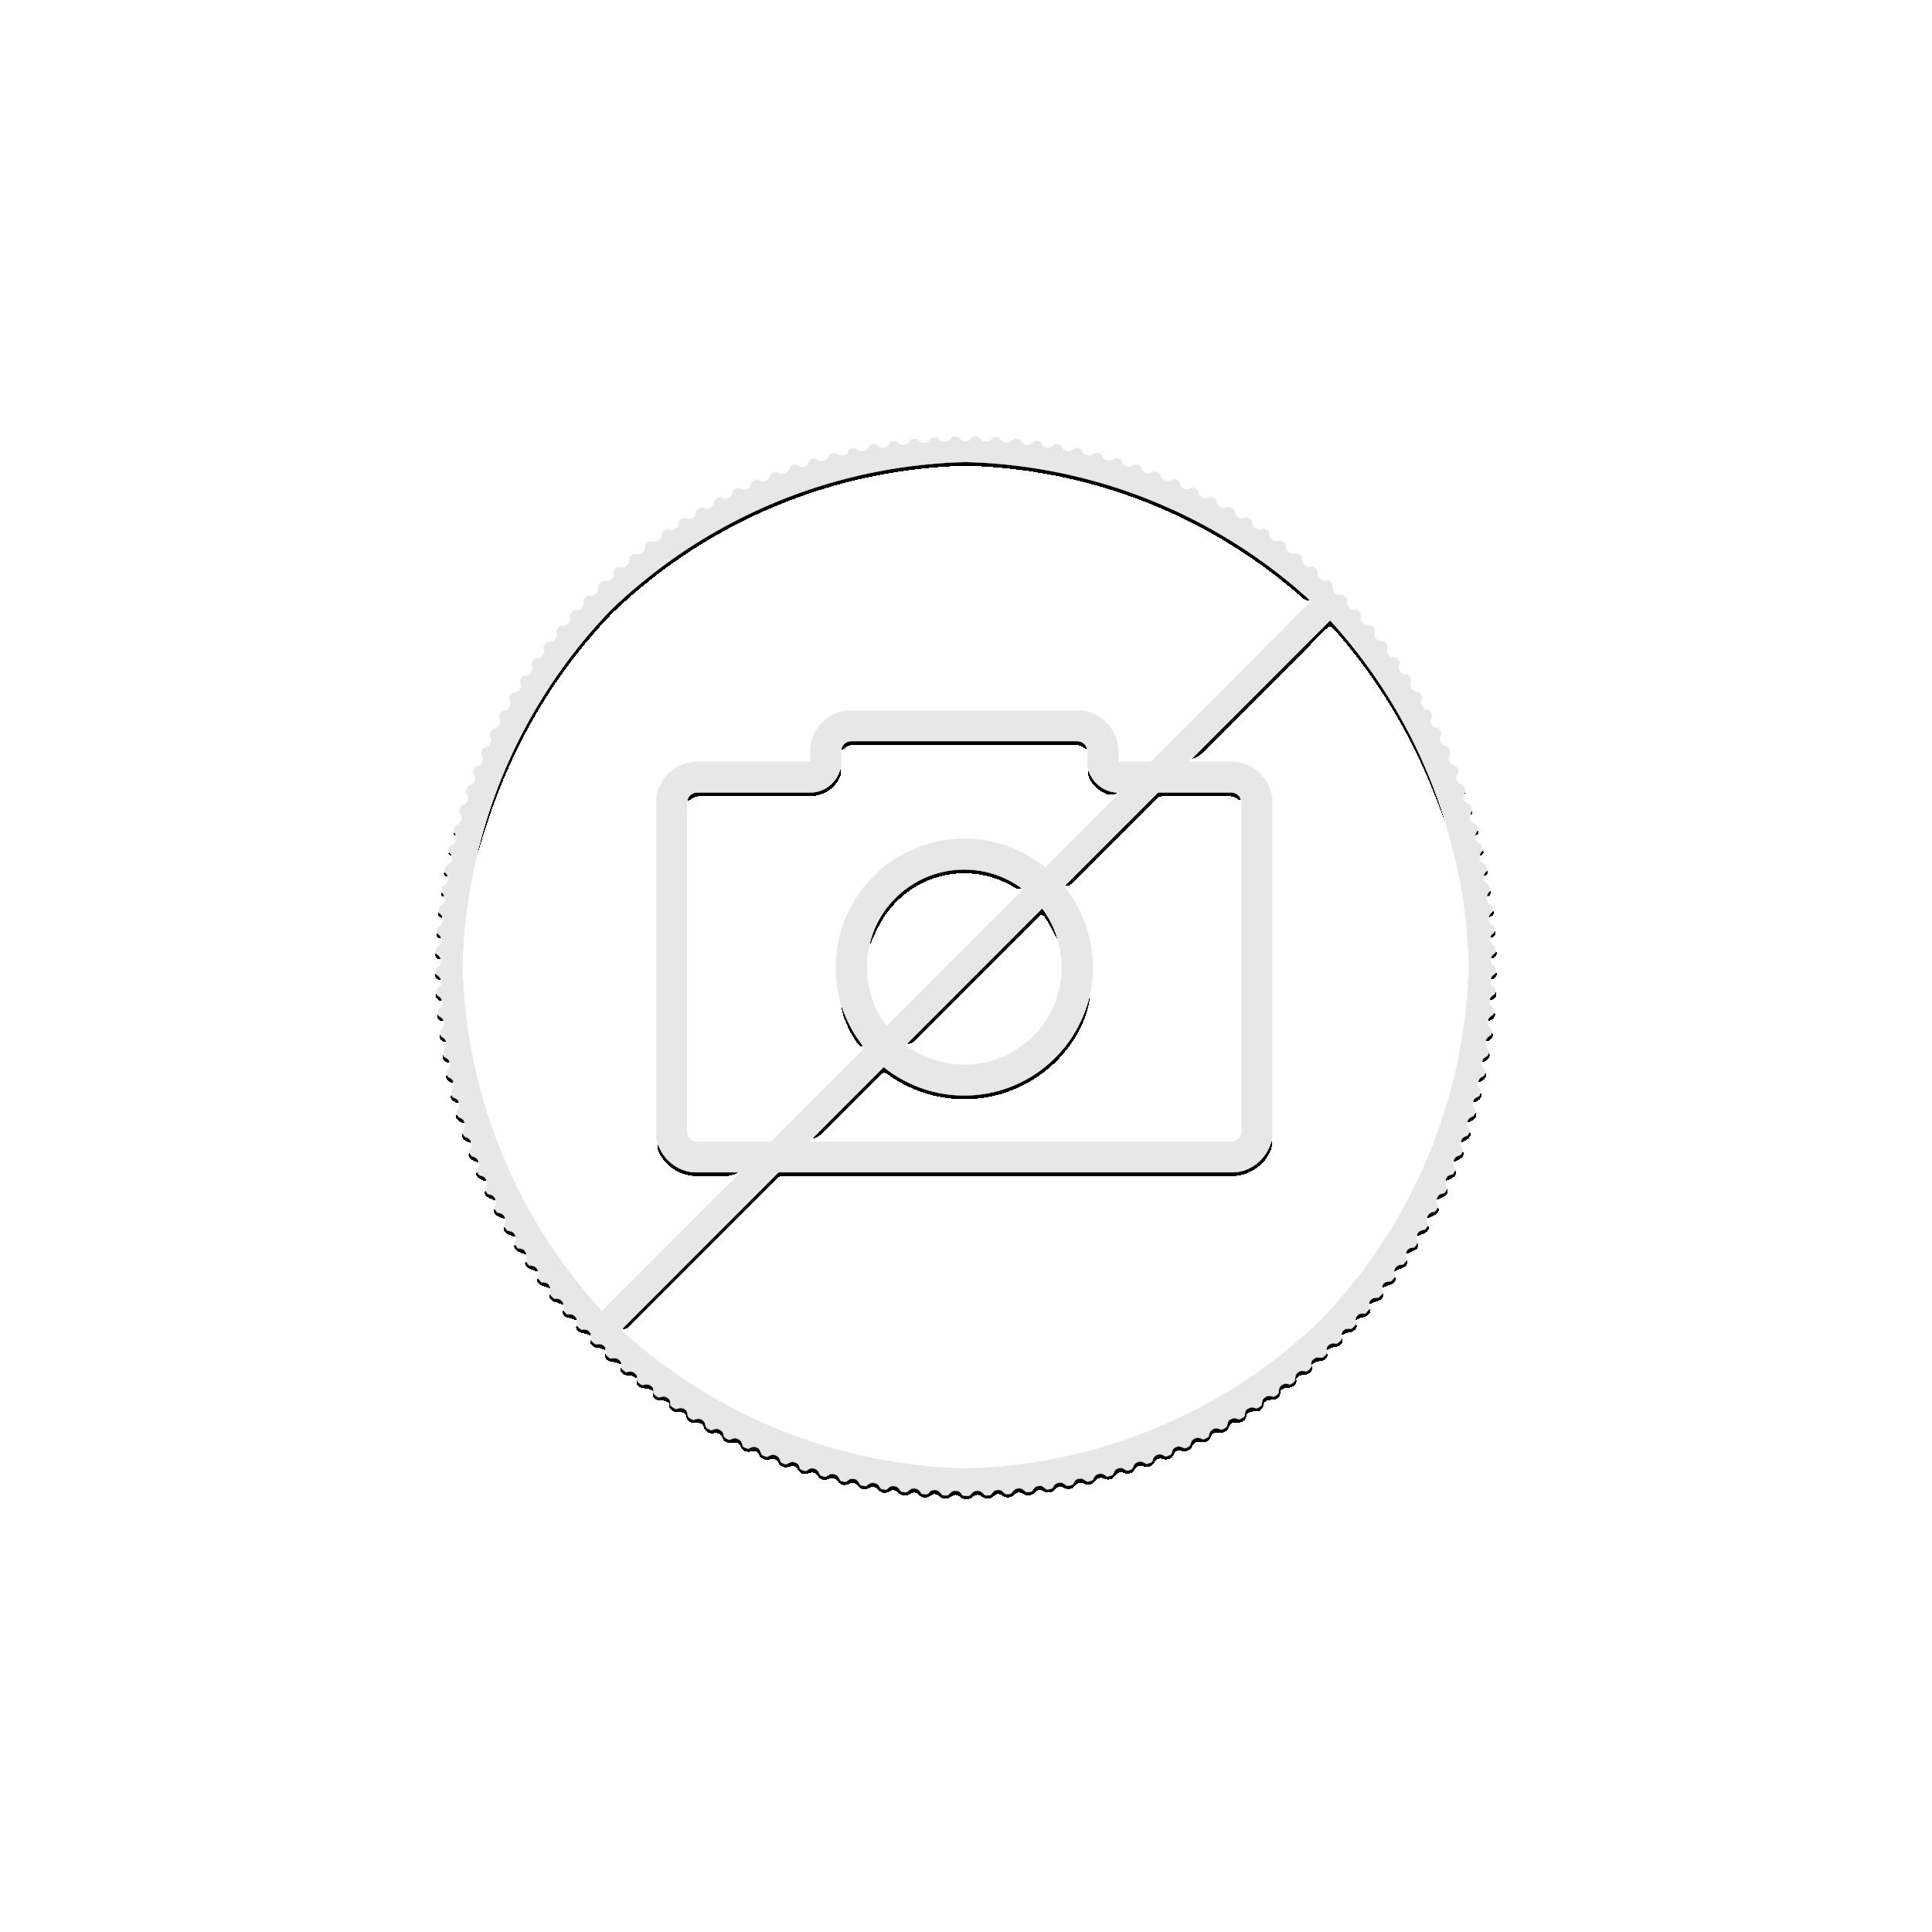 Arctic Fox zilveren munt 1,5 troy ounce zilver